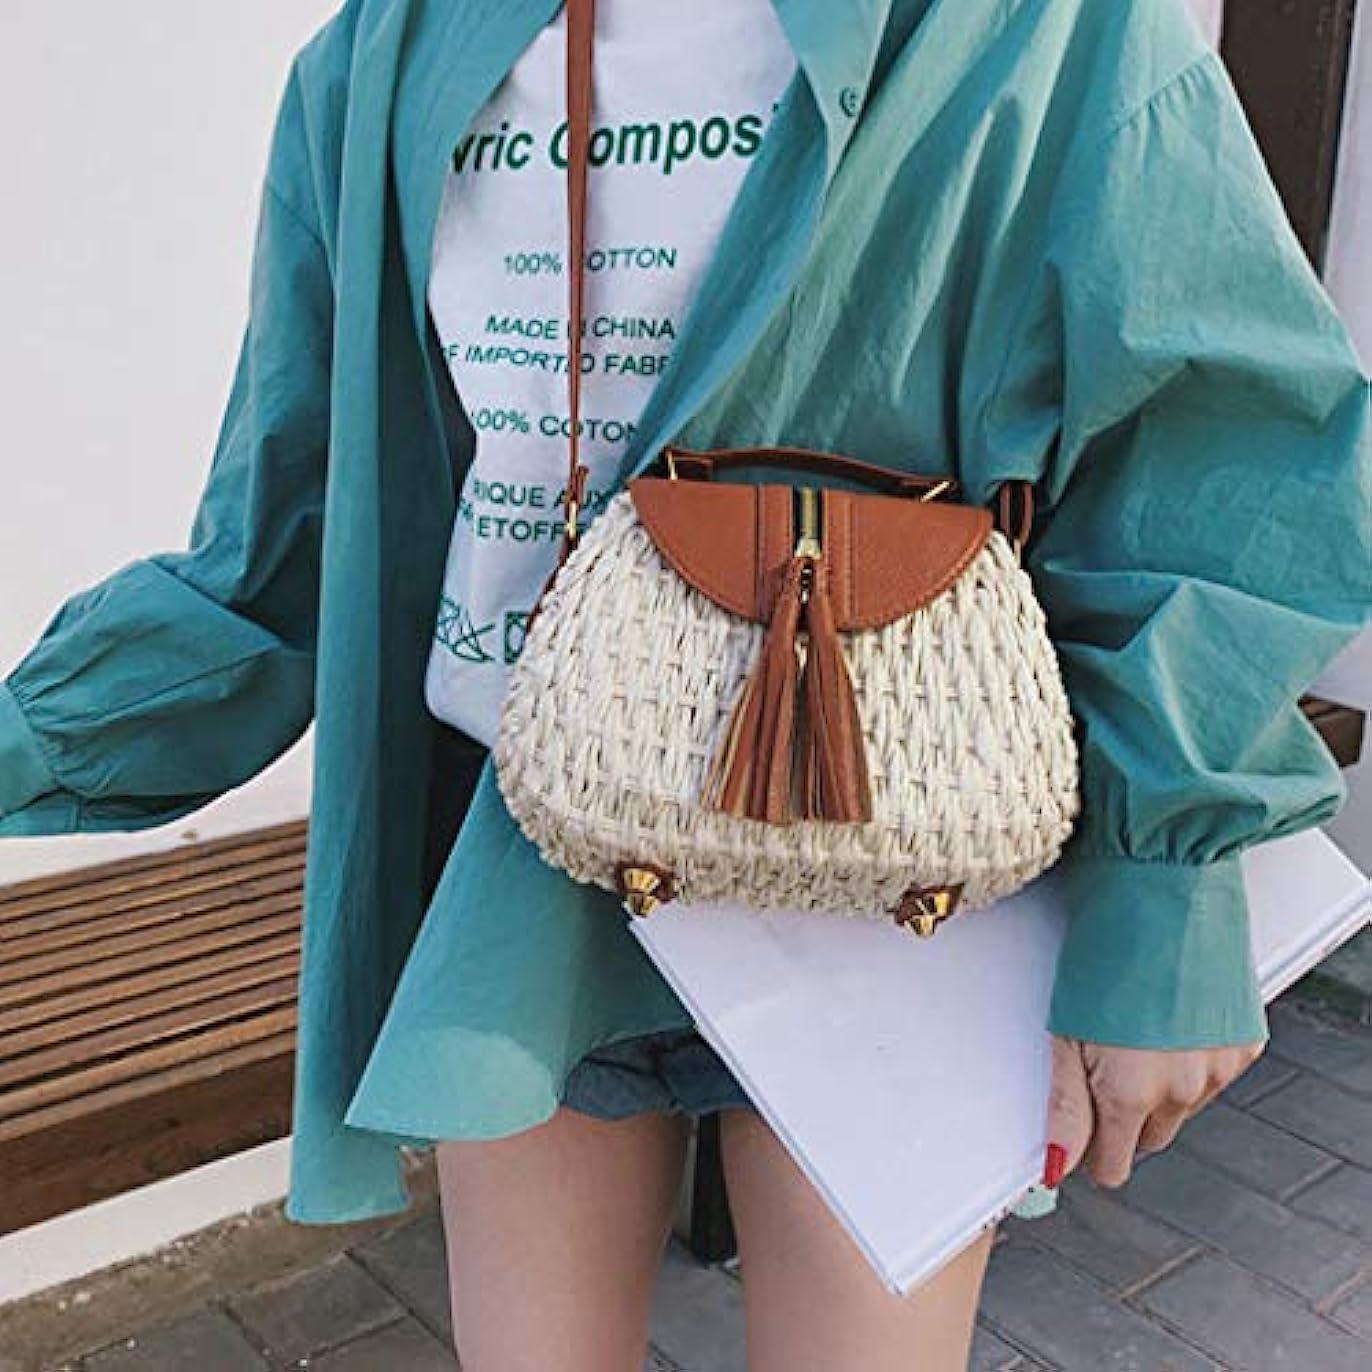 花弁意気揚々ゲインセイ女性の流行のタッセルはショルダー?バッグ、女性浜の余暇のクロスボディ袋を織ります、女性のタッセルは浜様式のメッセンジャー袋を織ります、女性方法対照色のビーチ様式のメッセンジャー袋 (ベージュ)